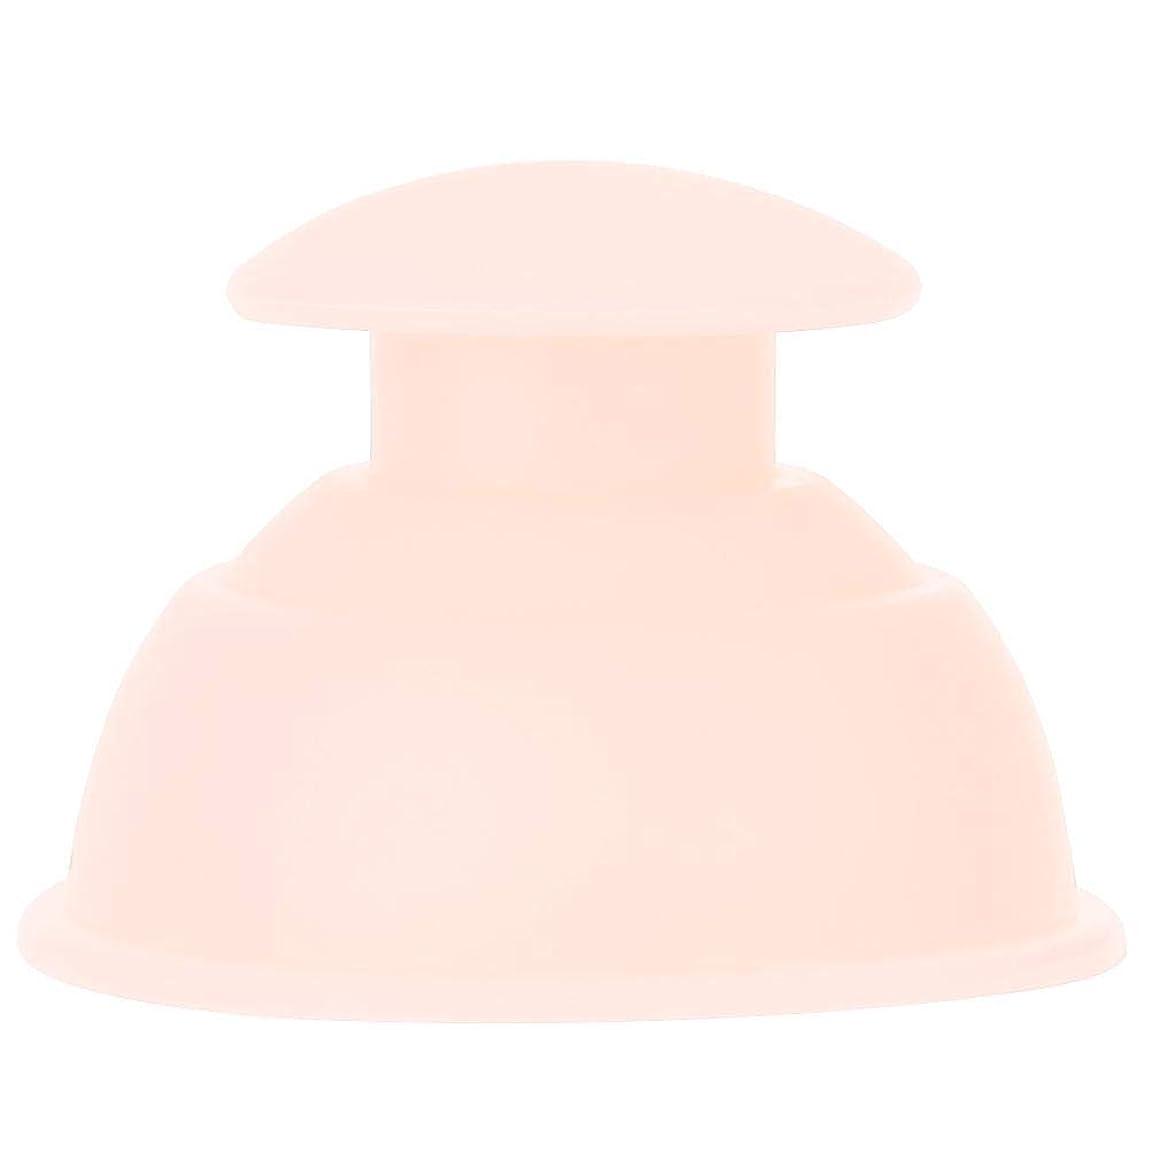 病危機奨学金7種類のカッピングカップマッサージセット、シリコーン水分吸収剤アンチセルライトバキュームによる 全身疲れの緩和(ライトピンク)